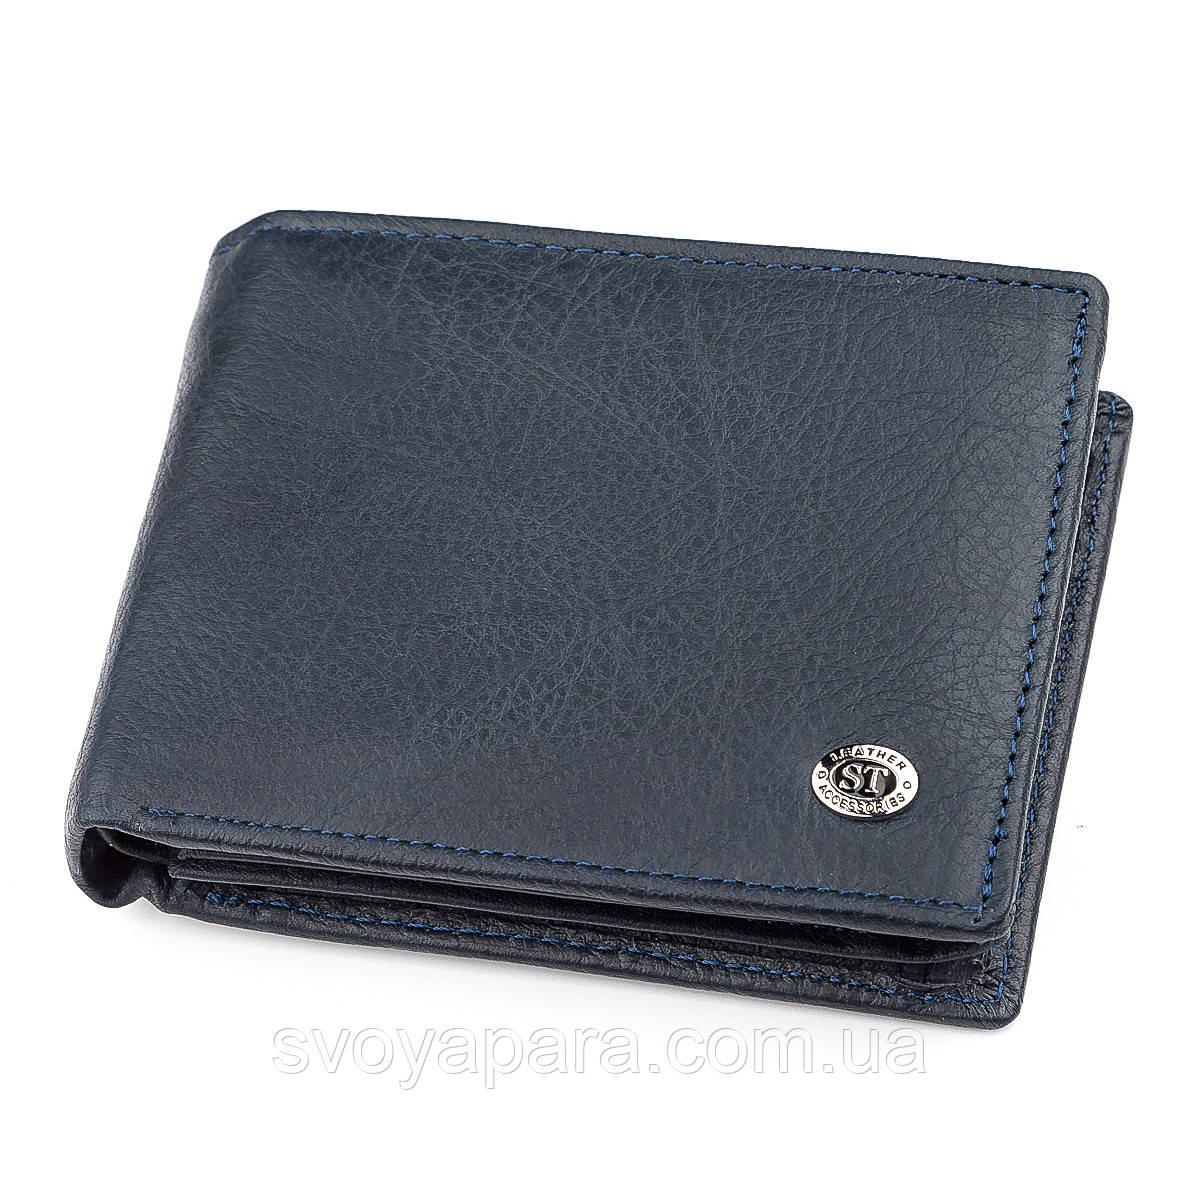 Чоловічий гаманець ST Leather 18326 (ST108) шкіряний багатофункціональний Синій